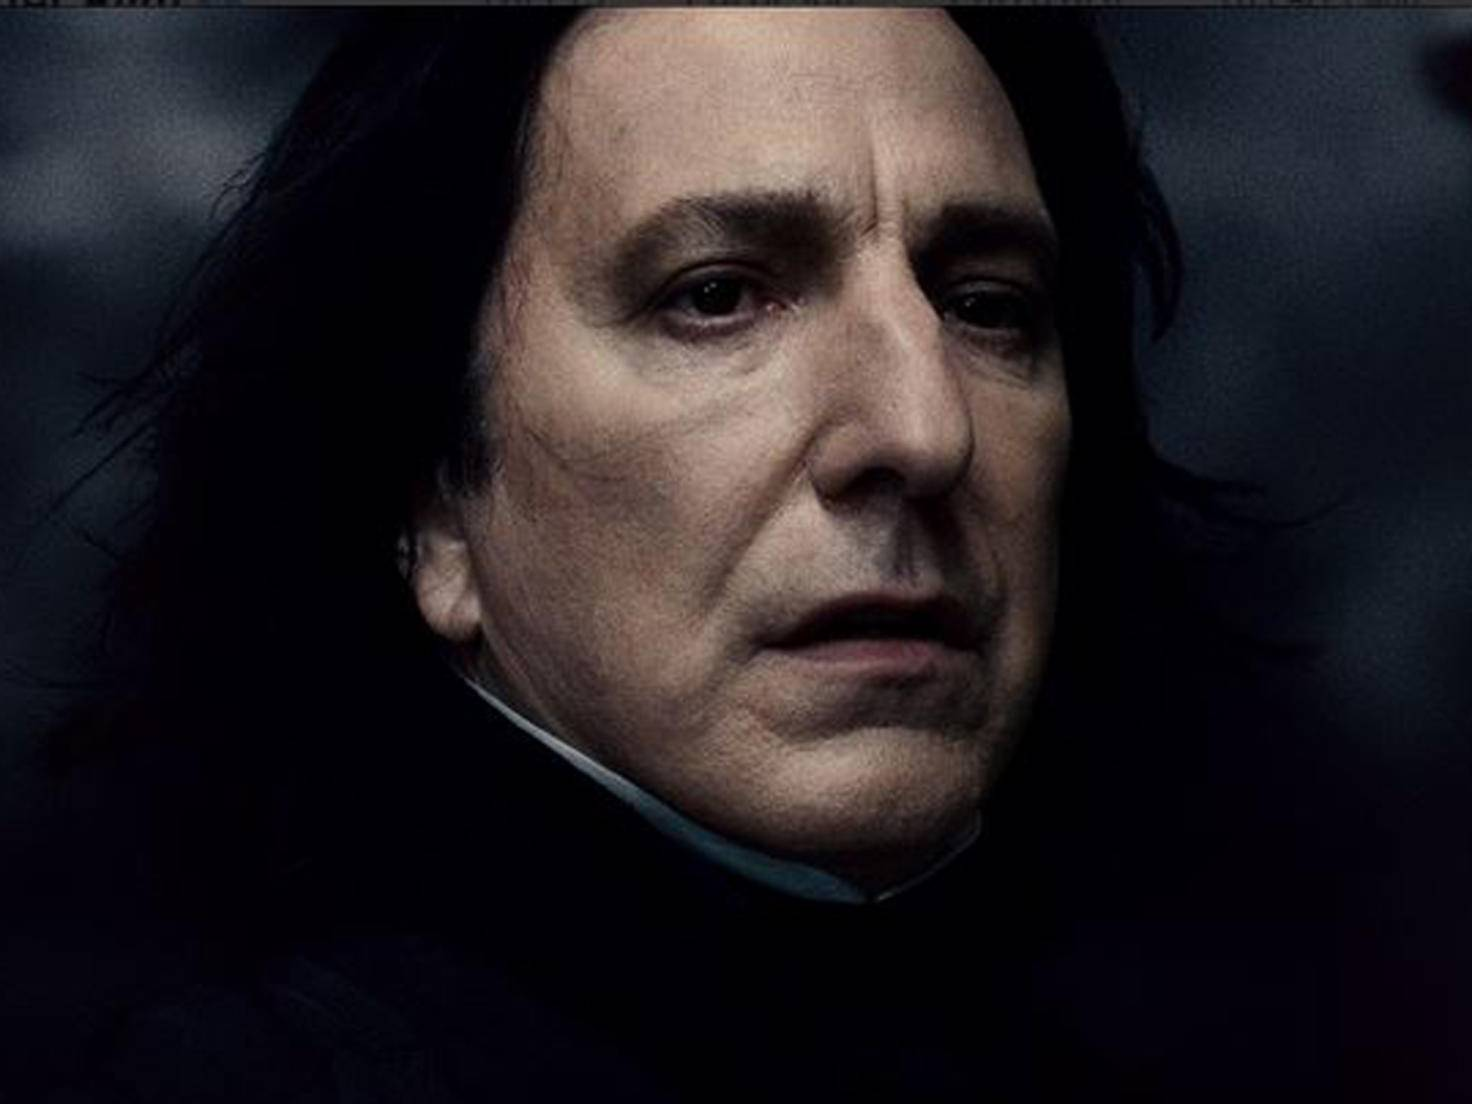 Professor Snape lässt sich nur schwer durchschauen.